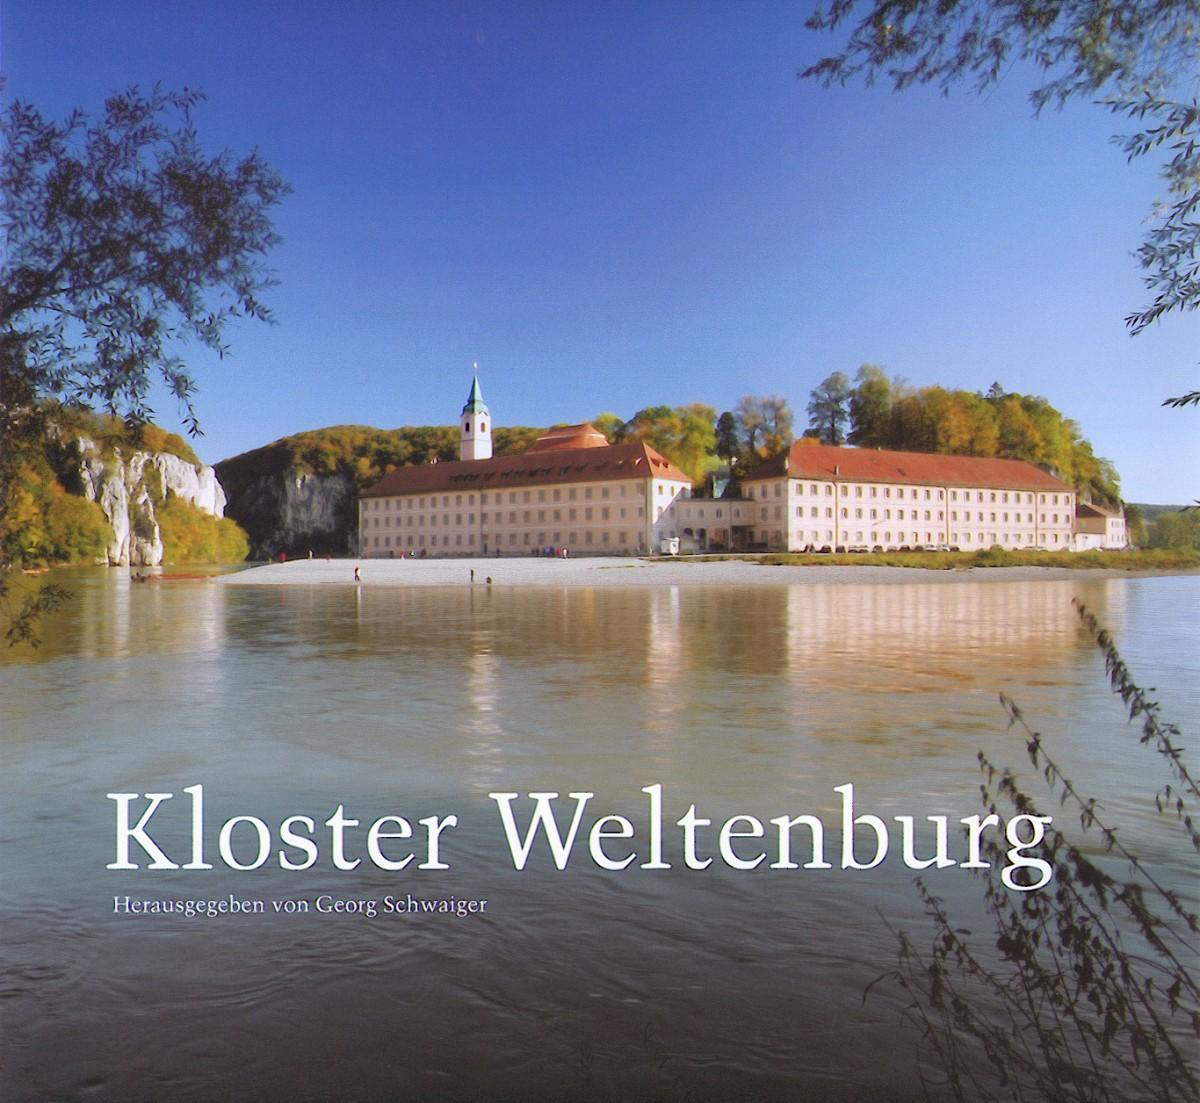 - Kloster Weltenburg